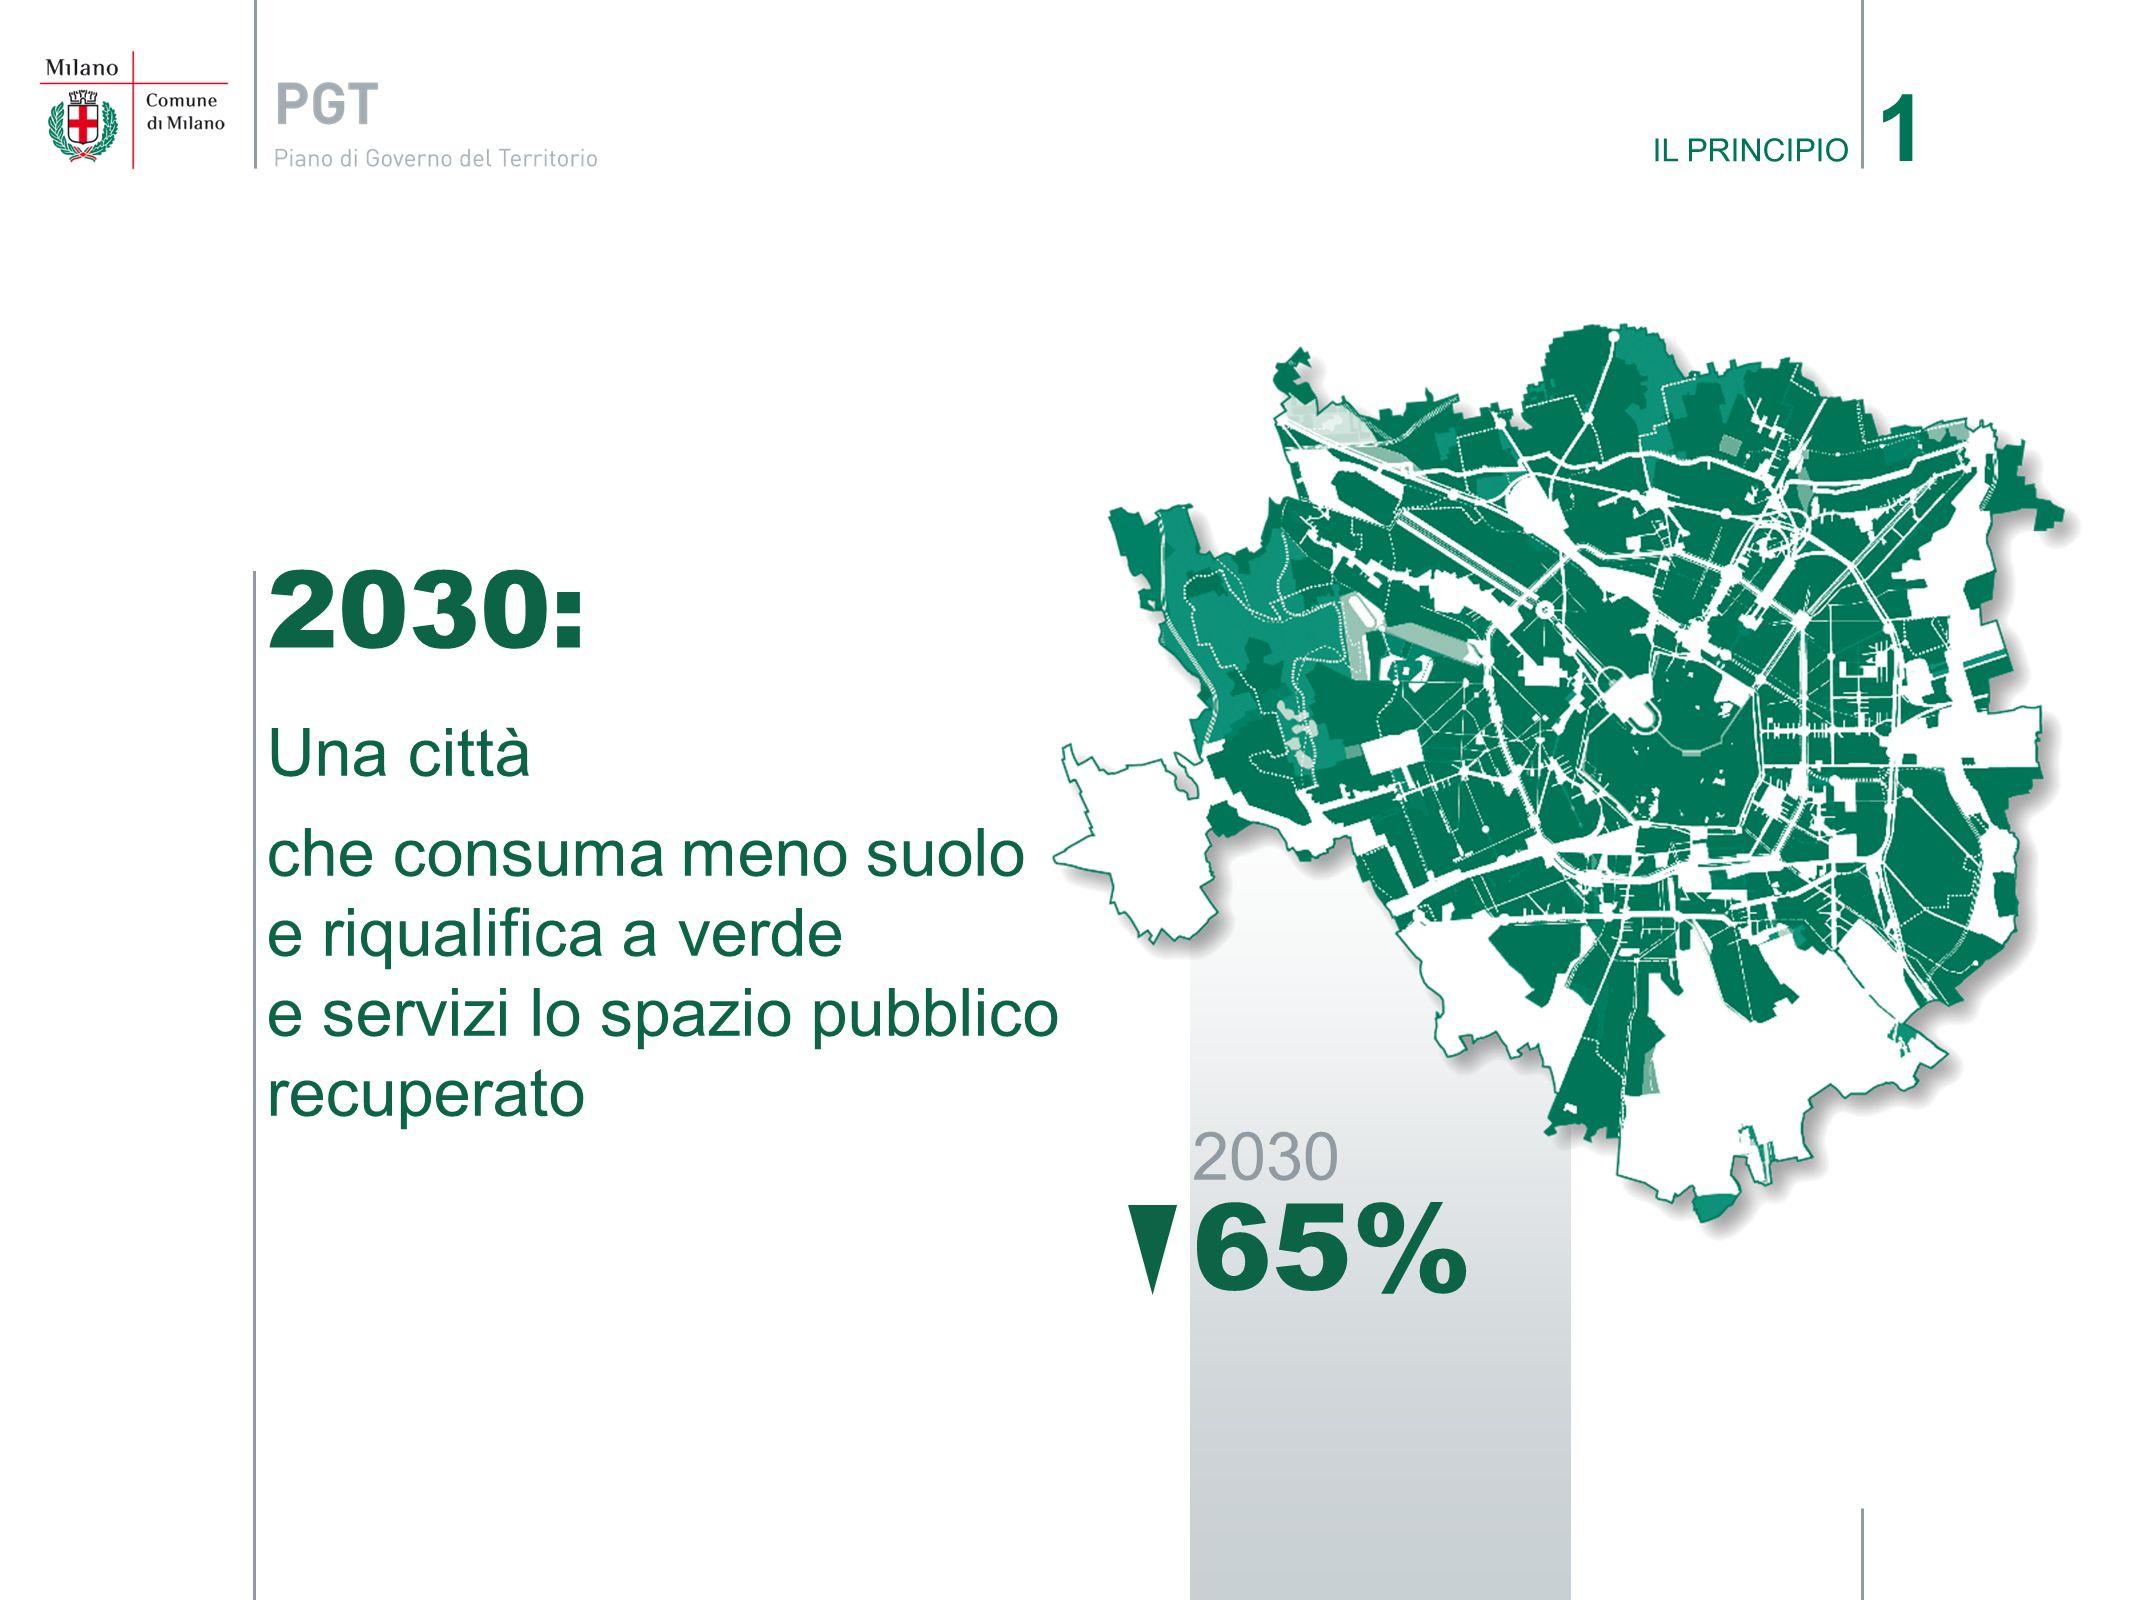 2030 65% 2030: Una città che consuma meno suolo e riqualifica a verde e servizi lo spazio pubblico recuperato IL PRINCIPIO 1